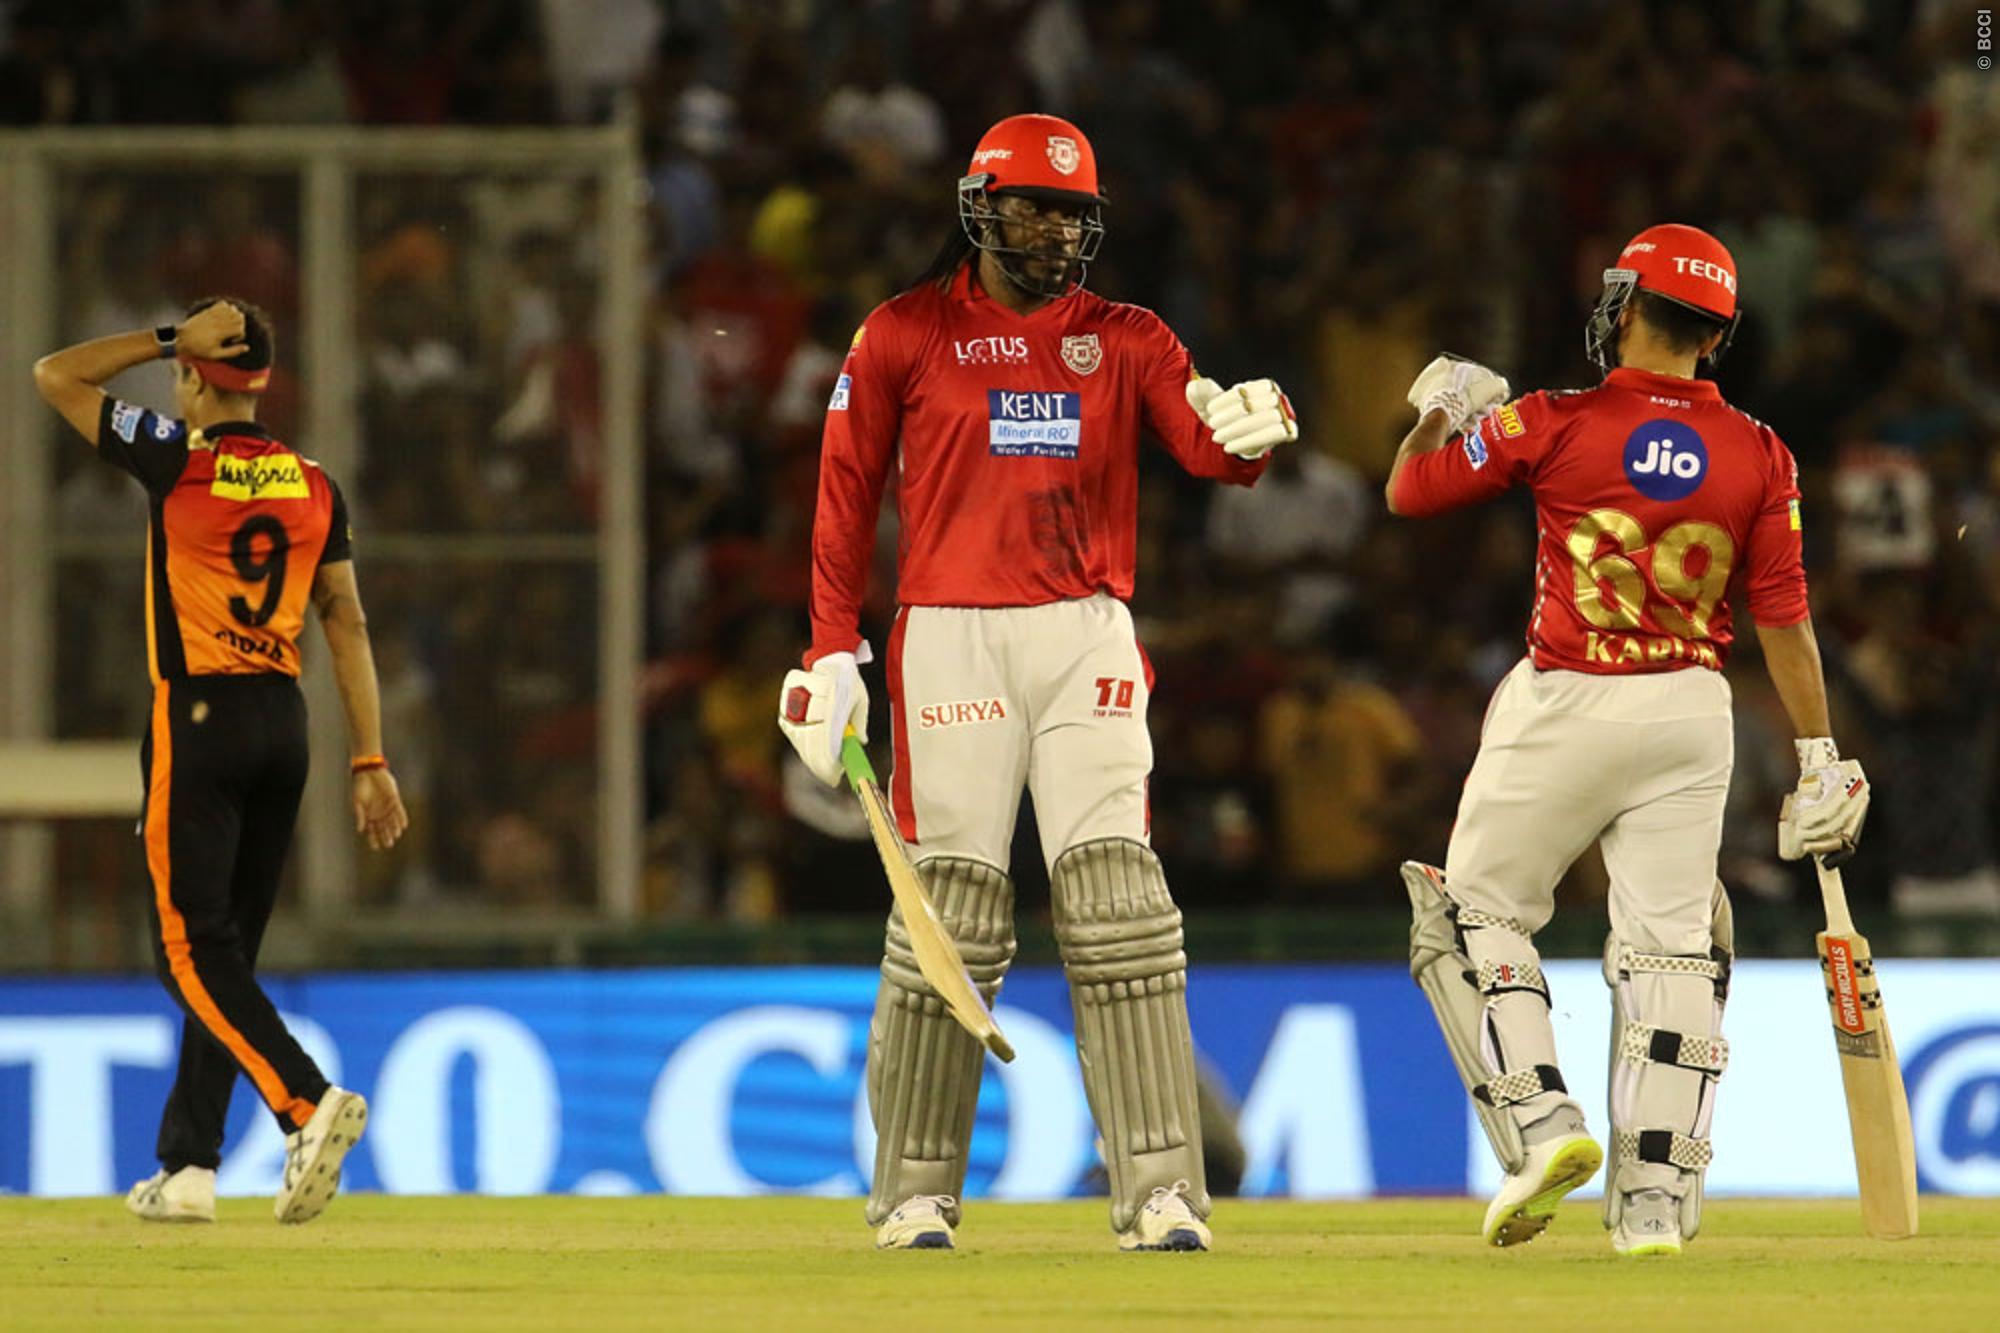 सन राइजर्स के कप्तान केन विलियम्सन ने सीधे तौर पर इस खिलाड़ी के सिर फोड़ा हैदराबाद की हार का ठीकरा 1